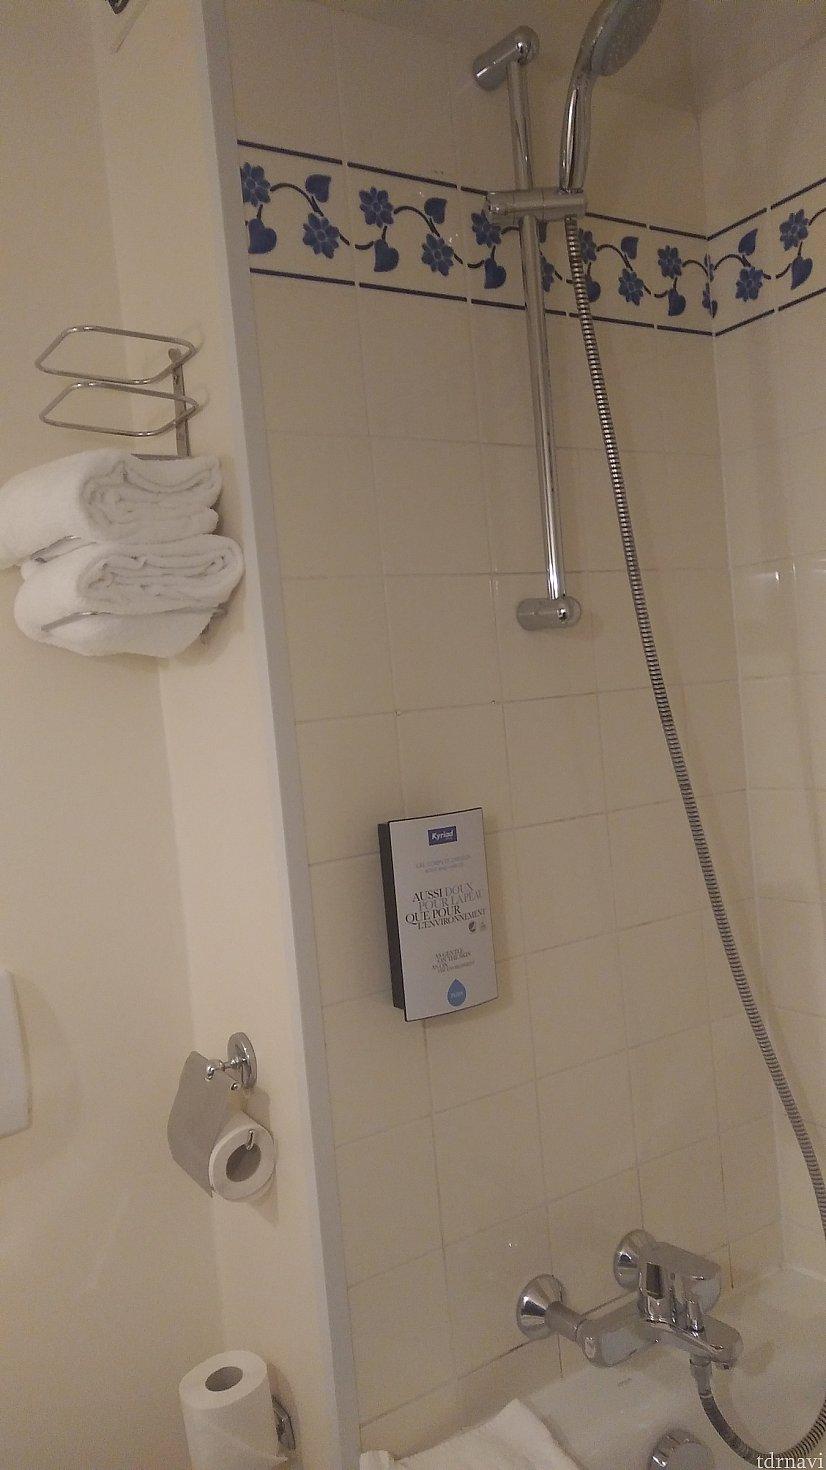 ハンドシャワーなので、使い勝手◎